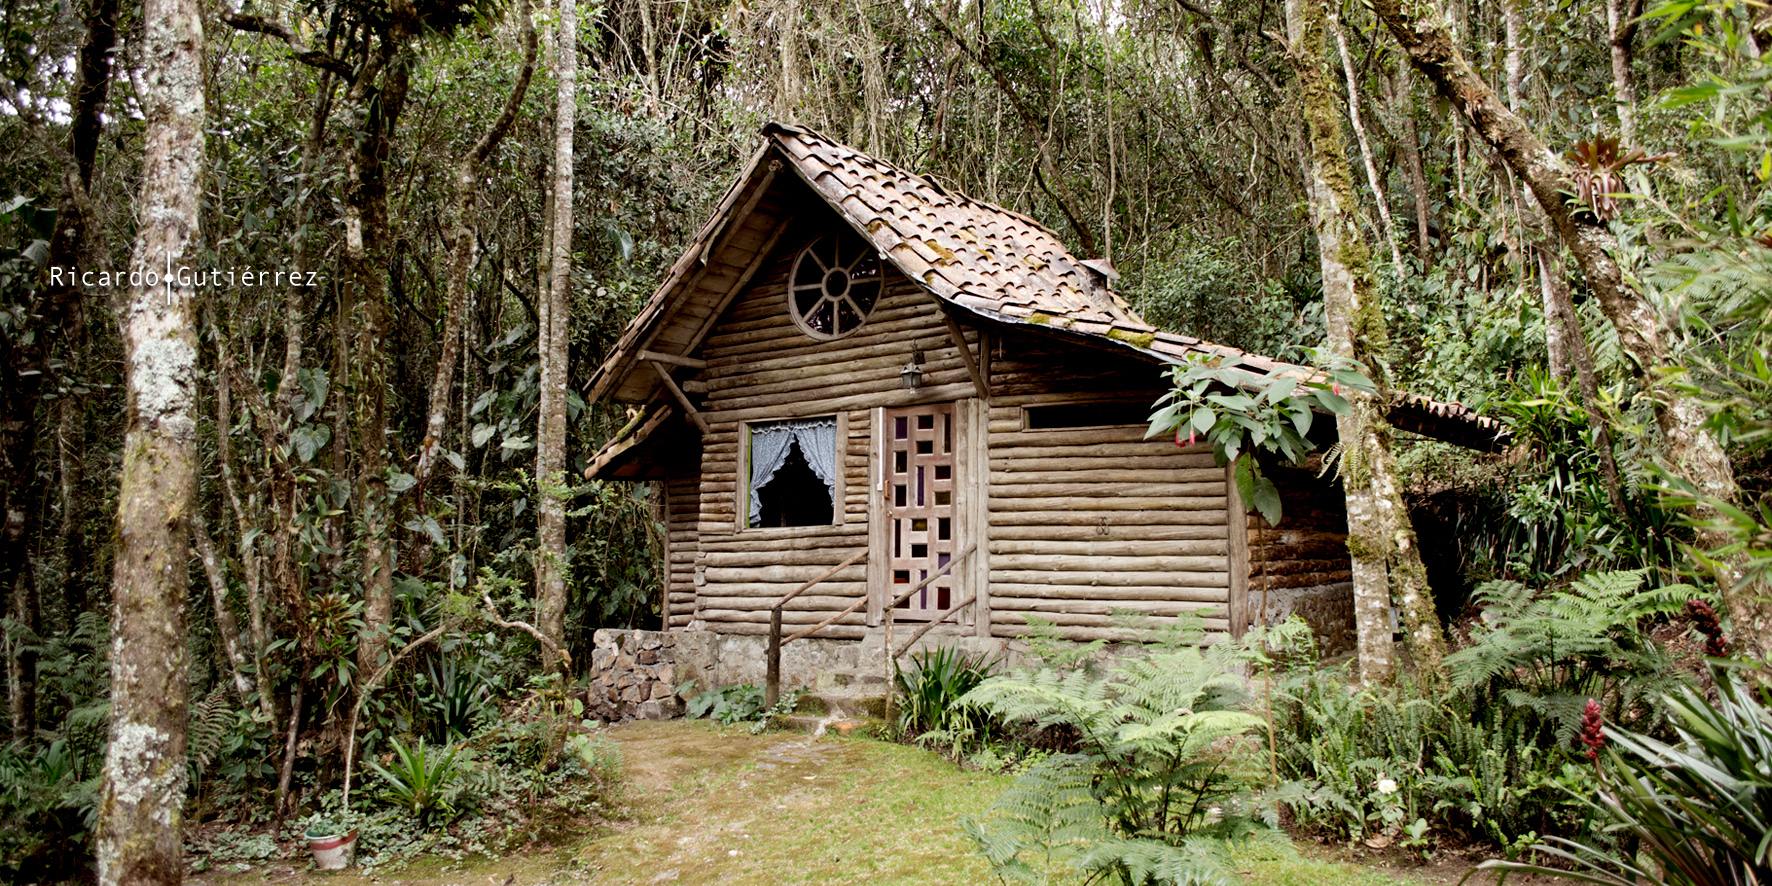 Casita en el bosque imagen foto south america - Casitas en el bosque ...